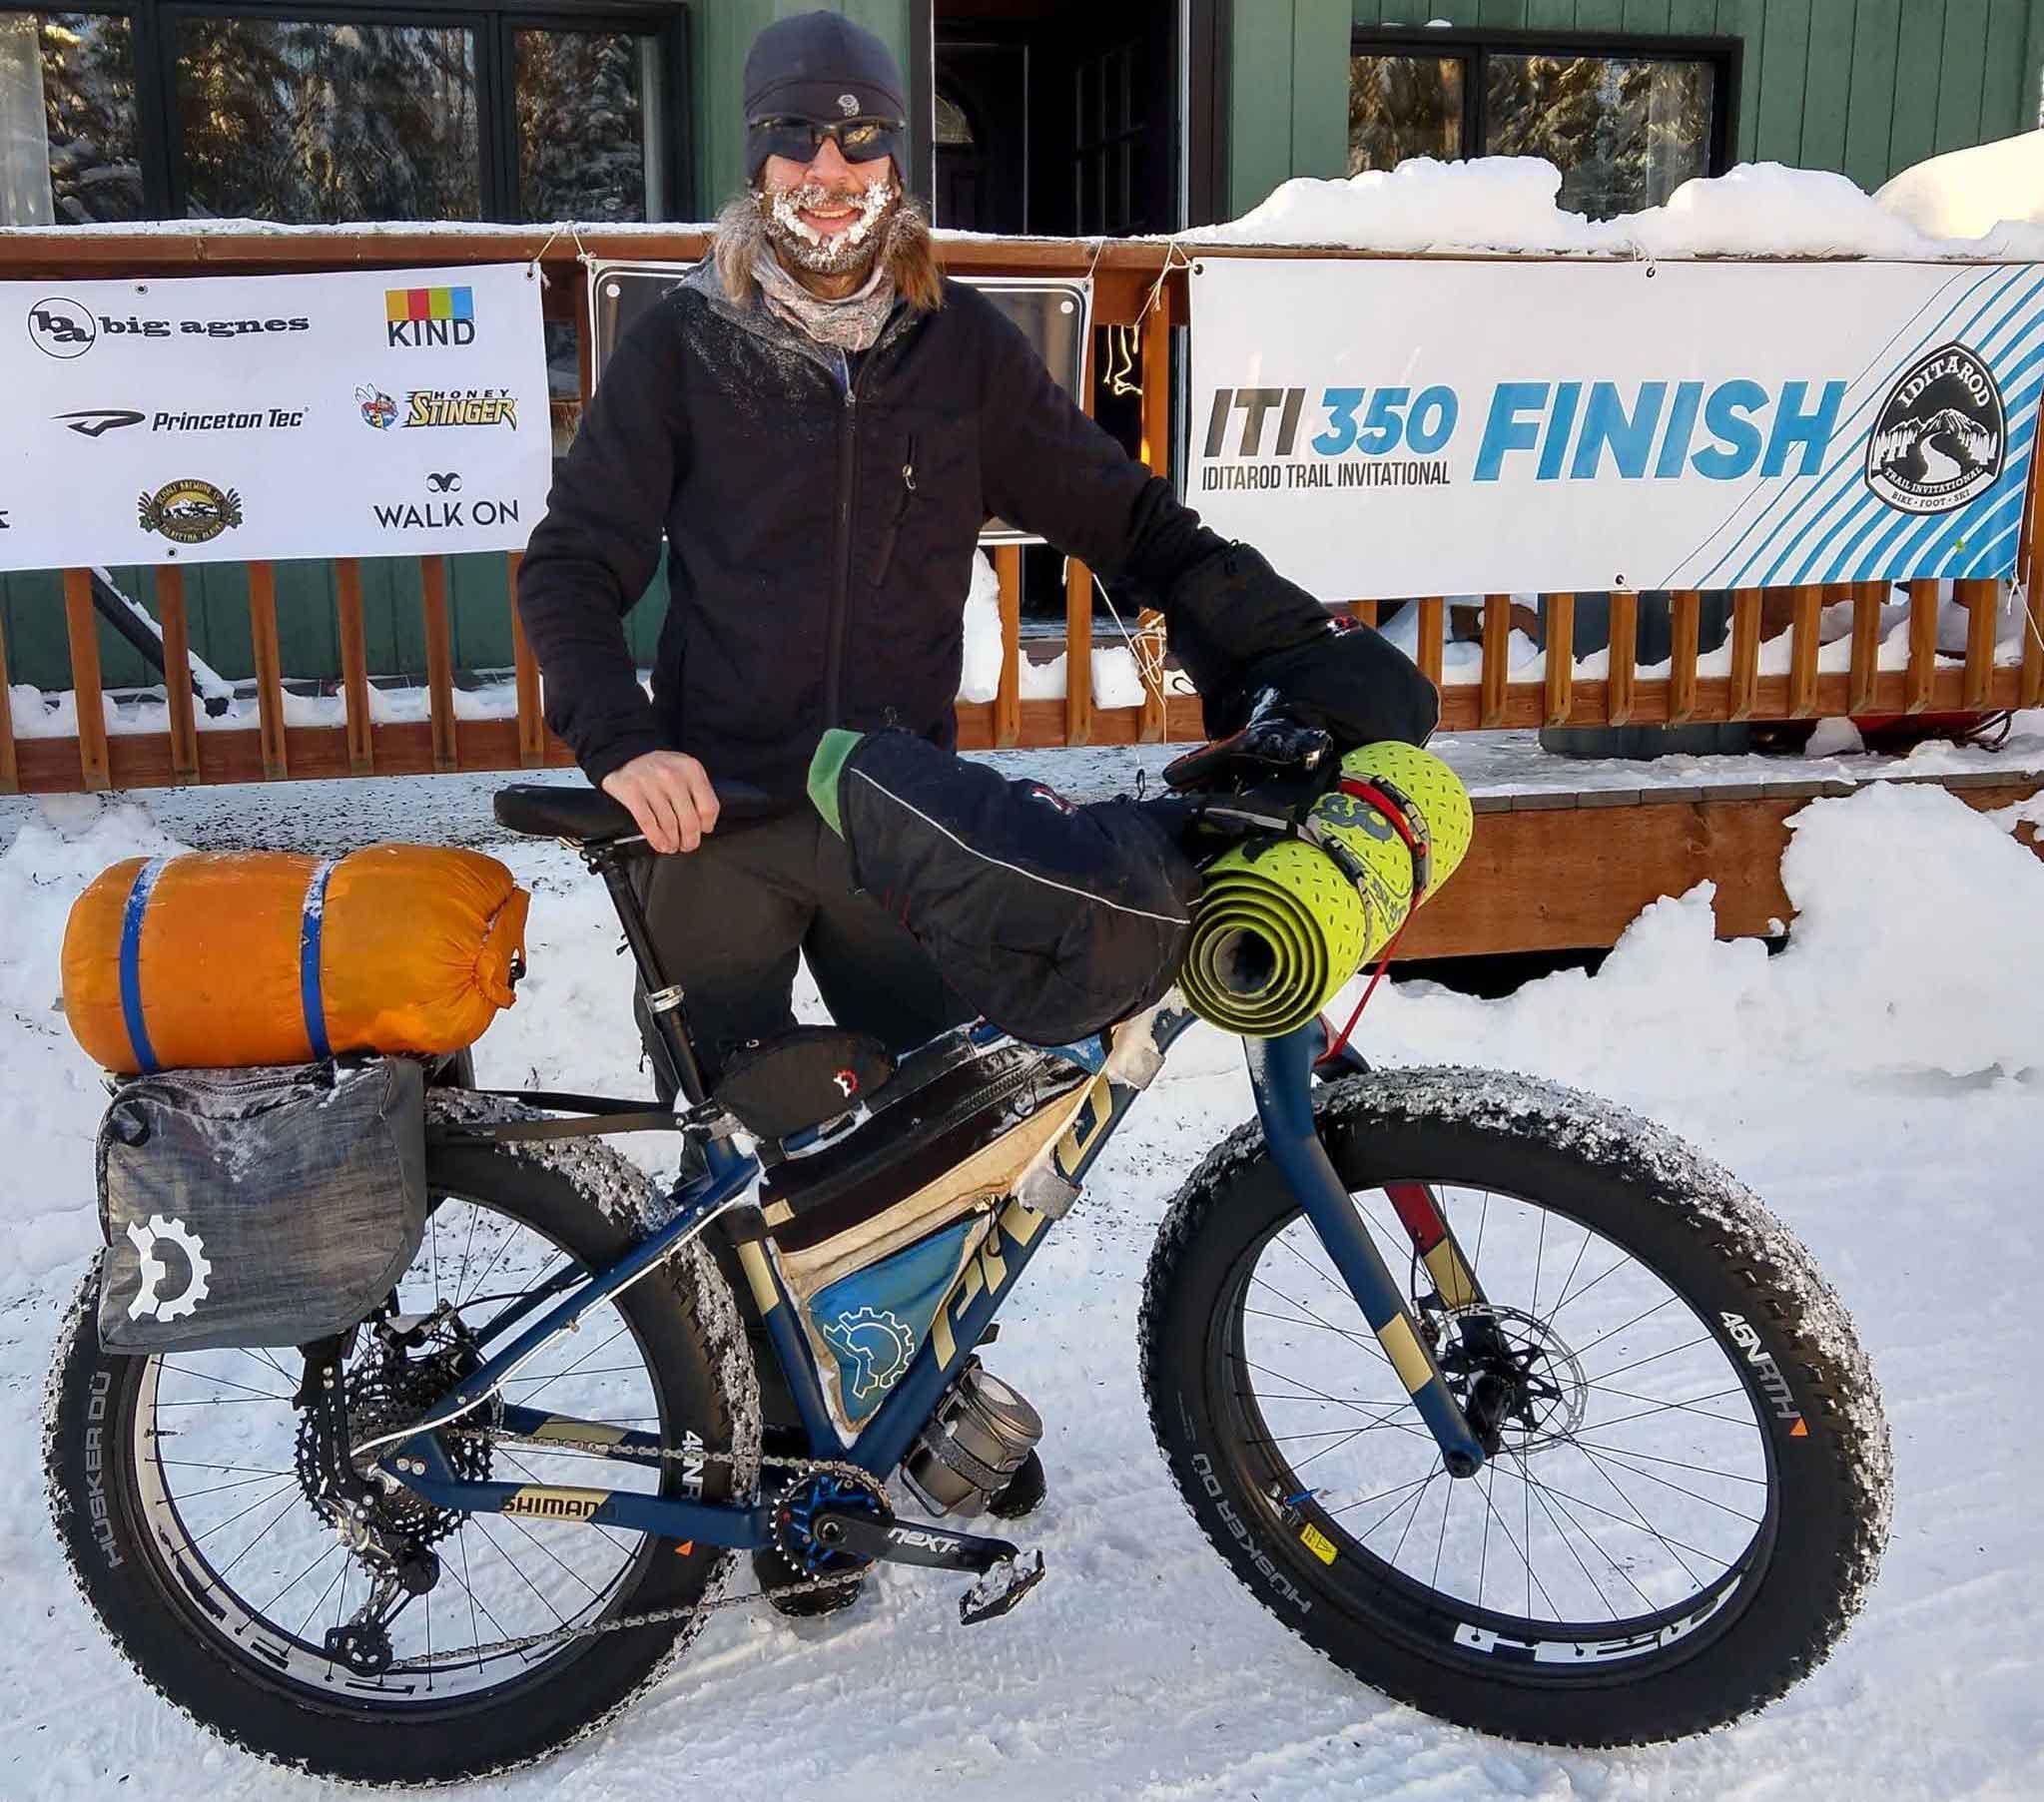 ITI 350 race winner Kurt Refsnider